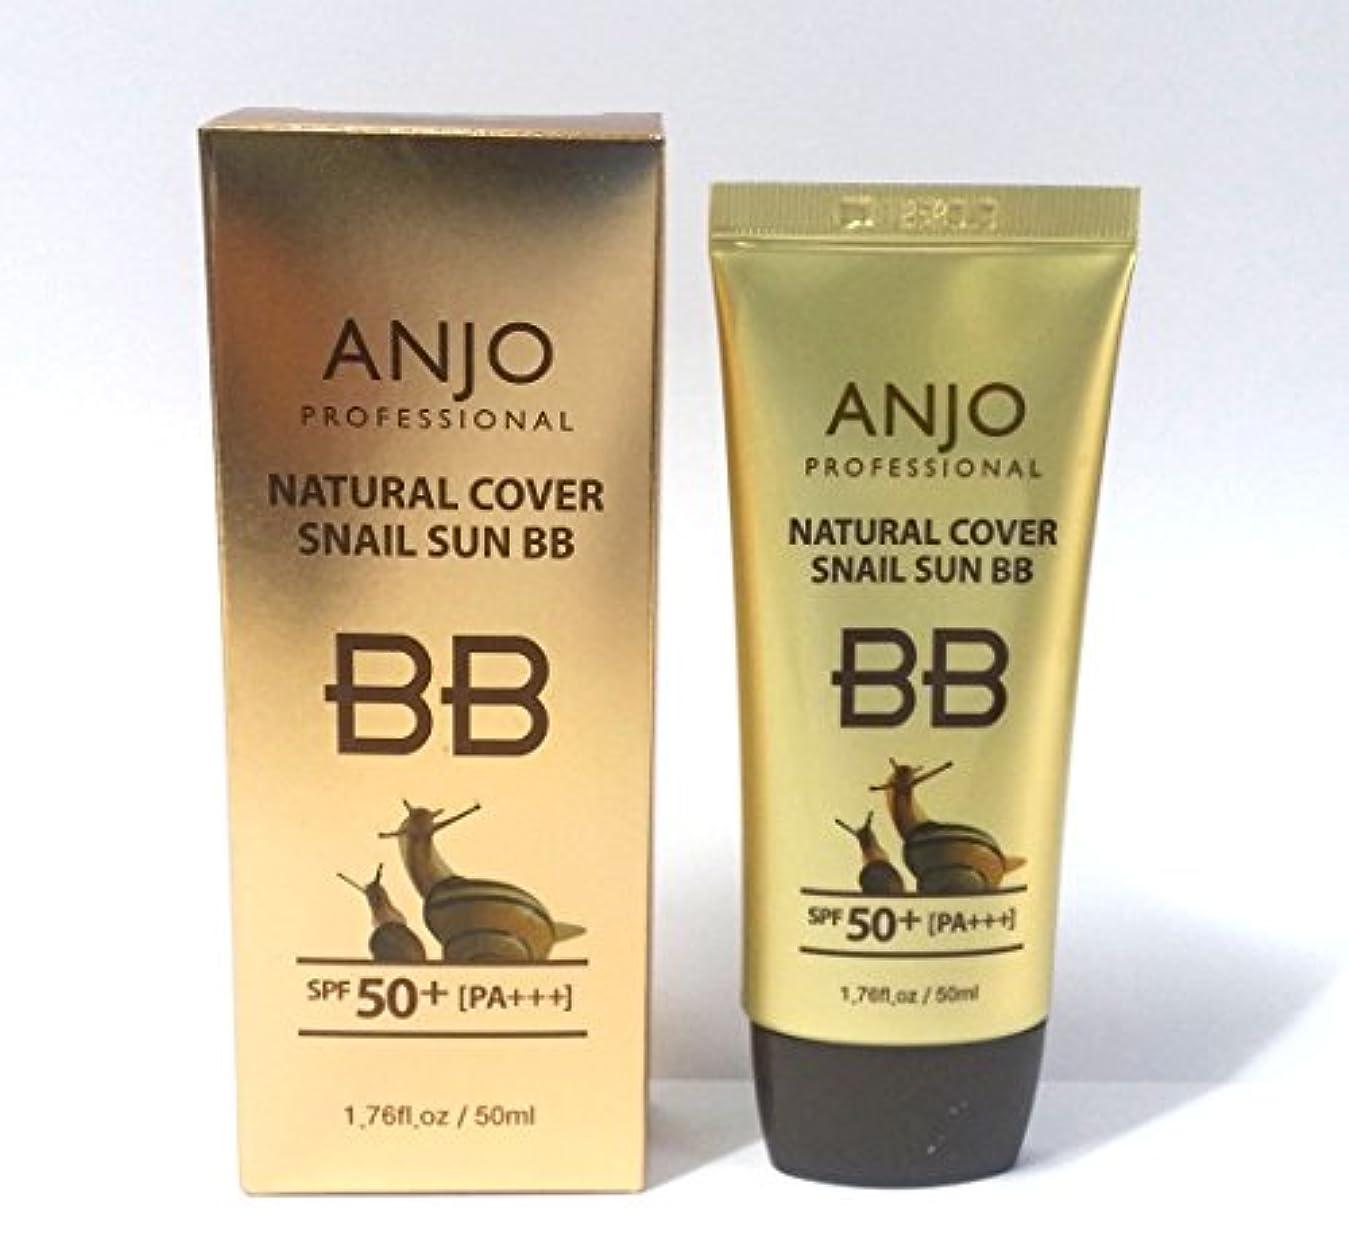 修正するマイクロプロセッサ年次[ANJO] ナチュラルカバーカタツムリサンBBクリームSPF 50 + PA +++ 50ml X 6EA /メイクアップベース/カタツムリ粘液 / Natural Cover Snail Sun BB Cream SPF...